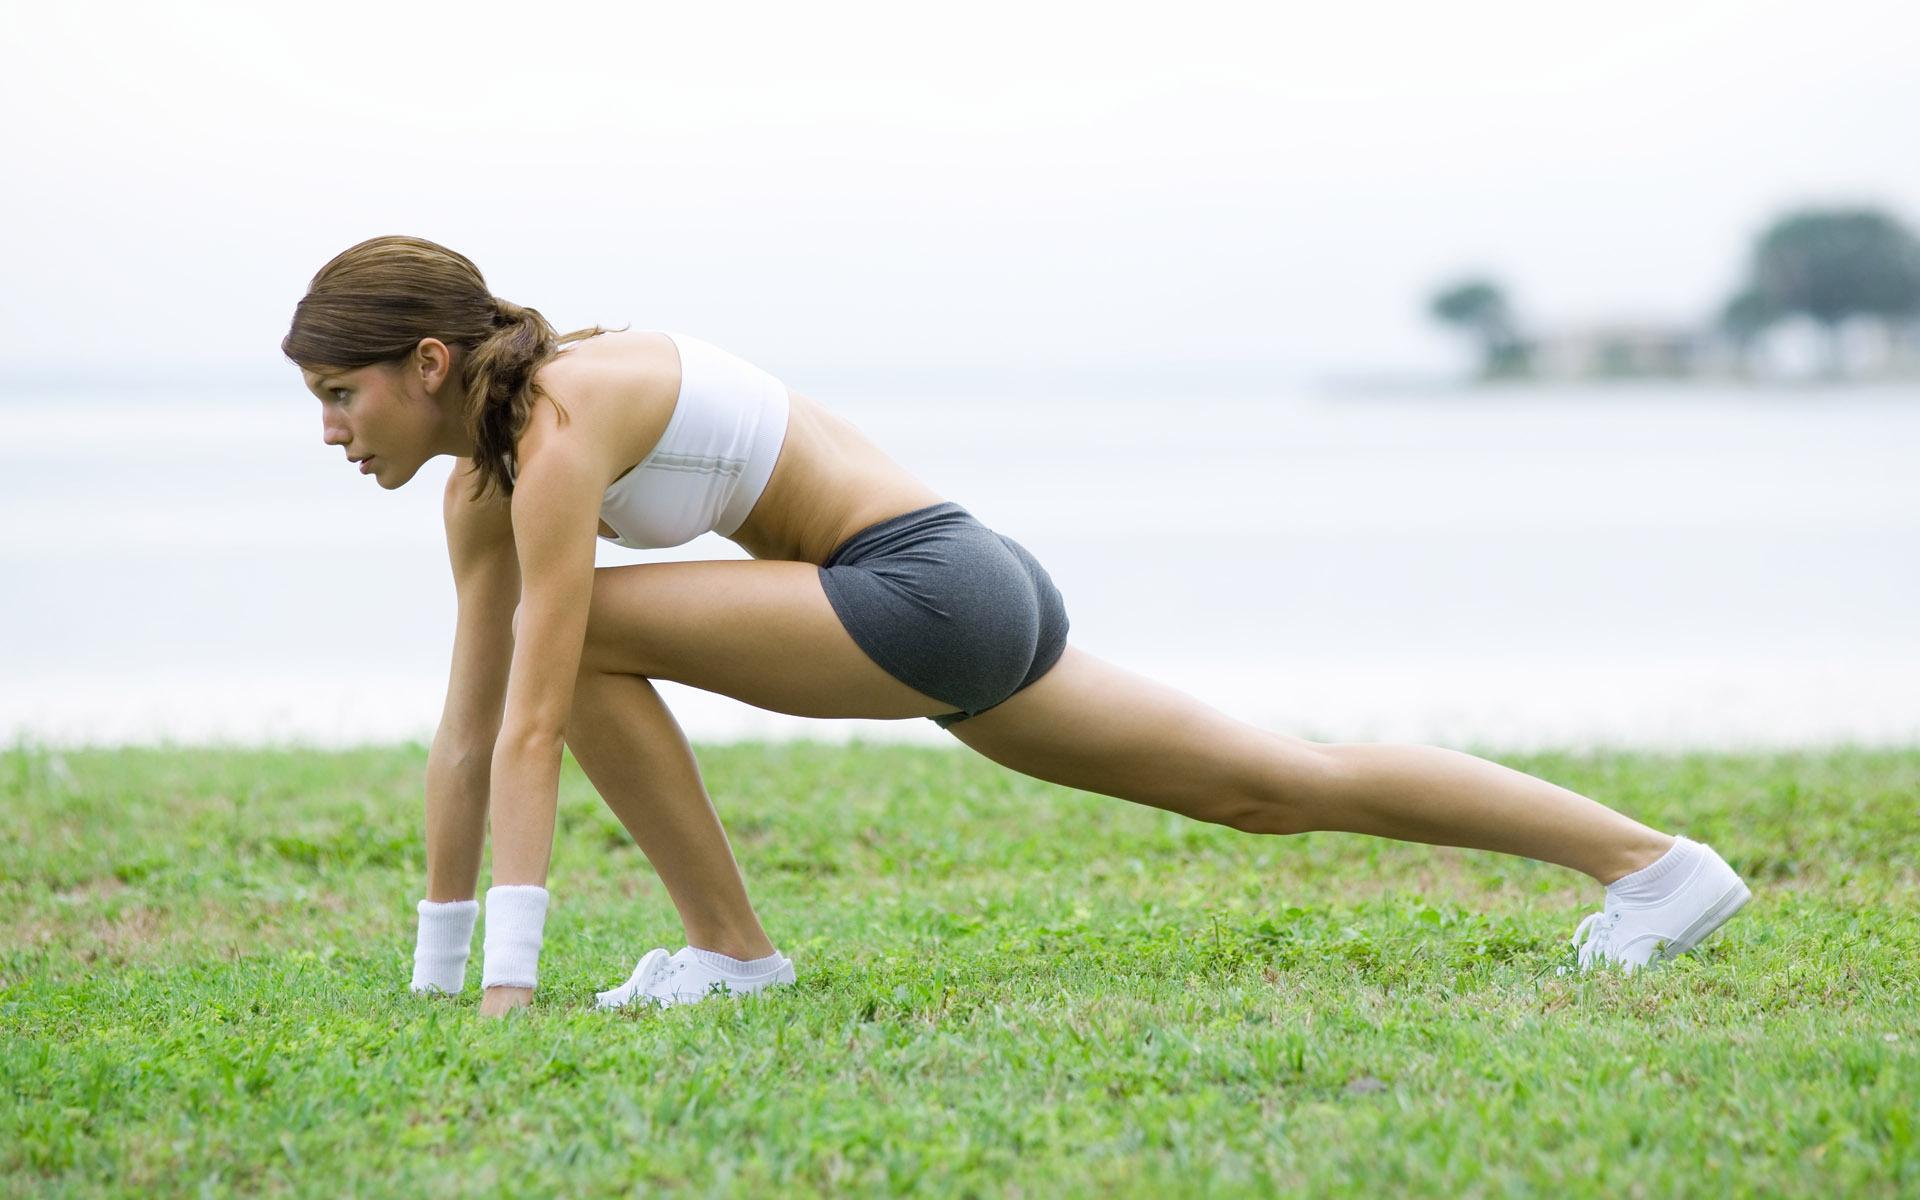 Как накачать мышцы спины: упражнения как накачать мышцы спины и подтянуть ягодицы